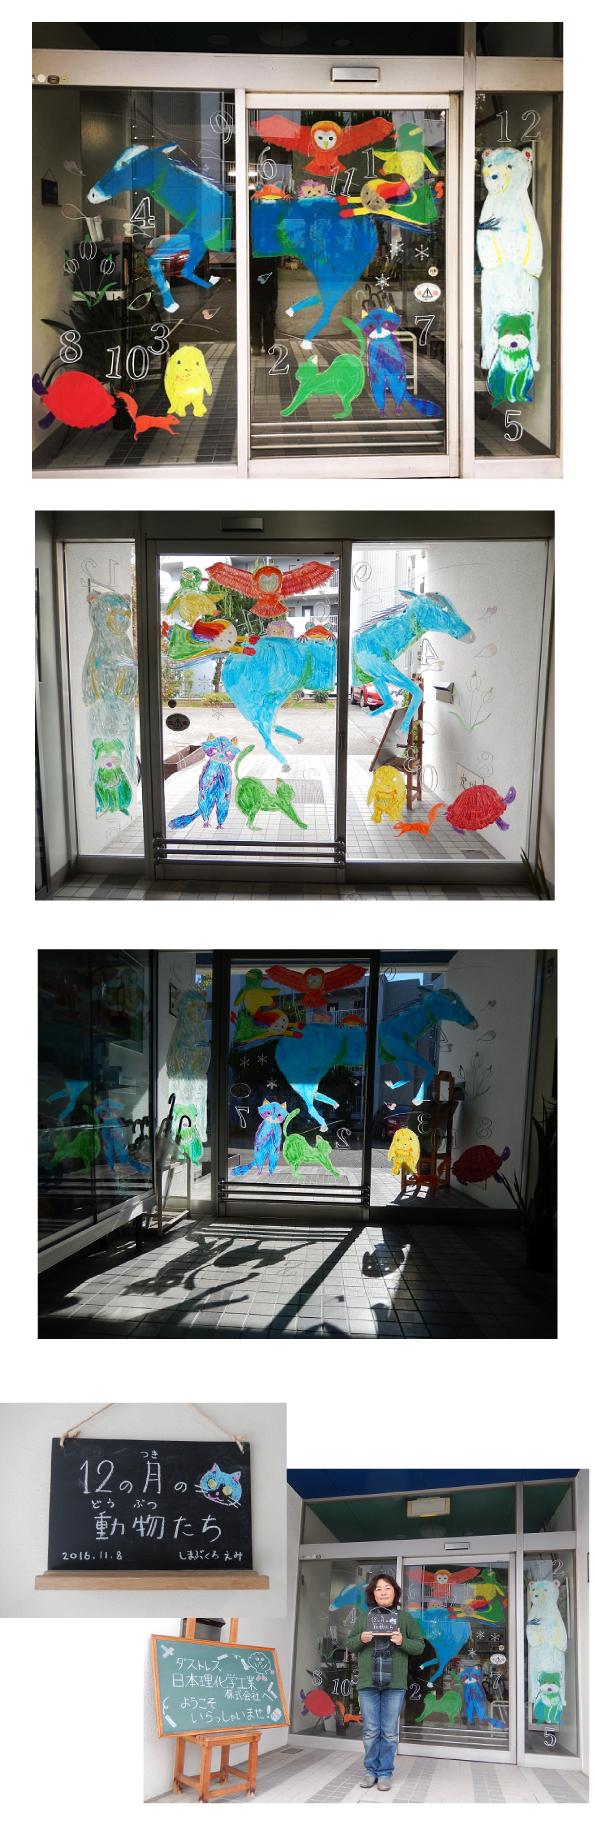 川崎工場ウインドーギャラリー第9弾 しまぶくろえみさんの「12の月の動物たち」(2016年11月8日〜)